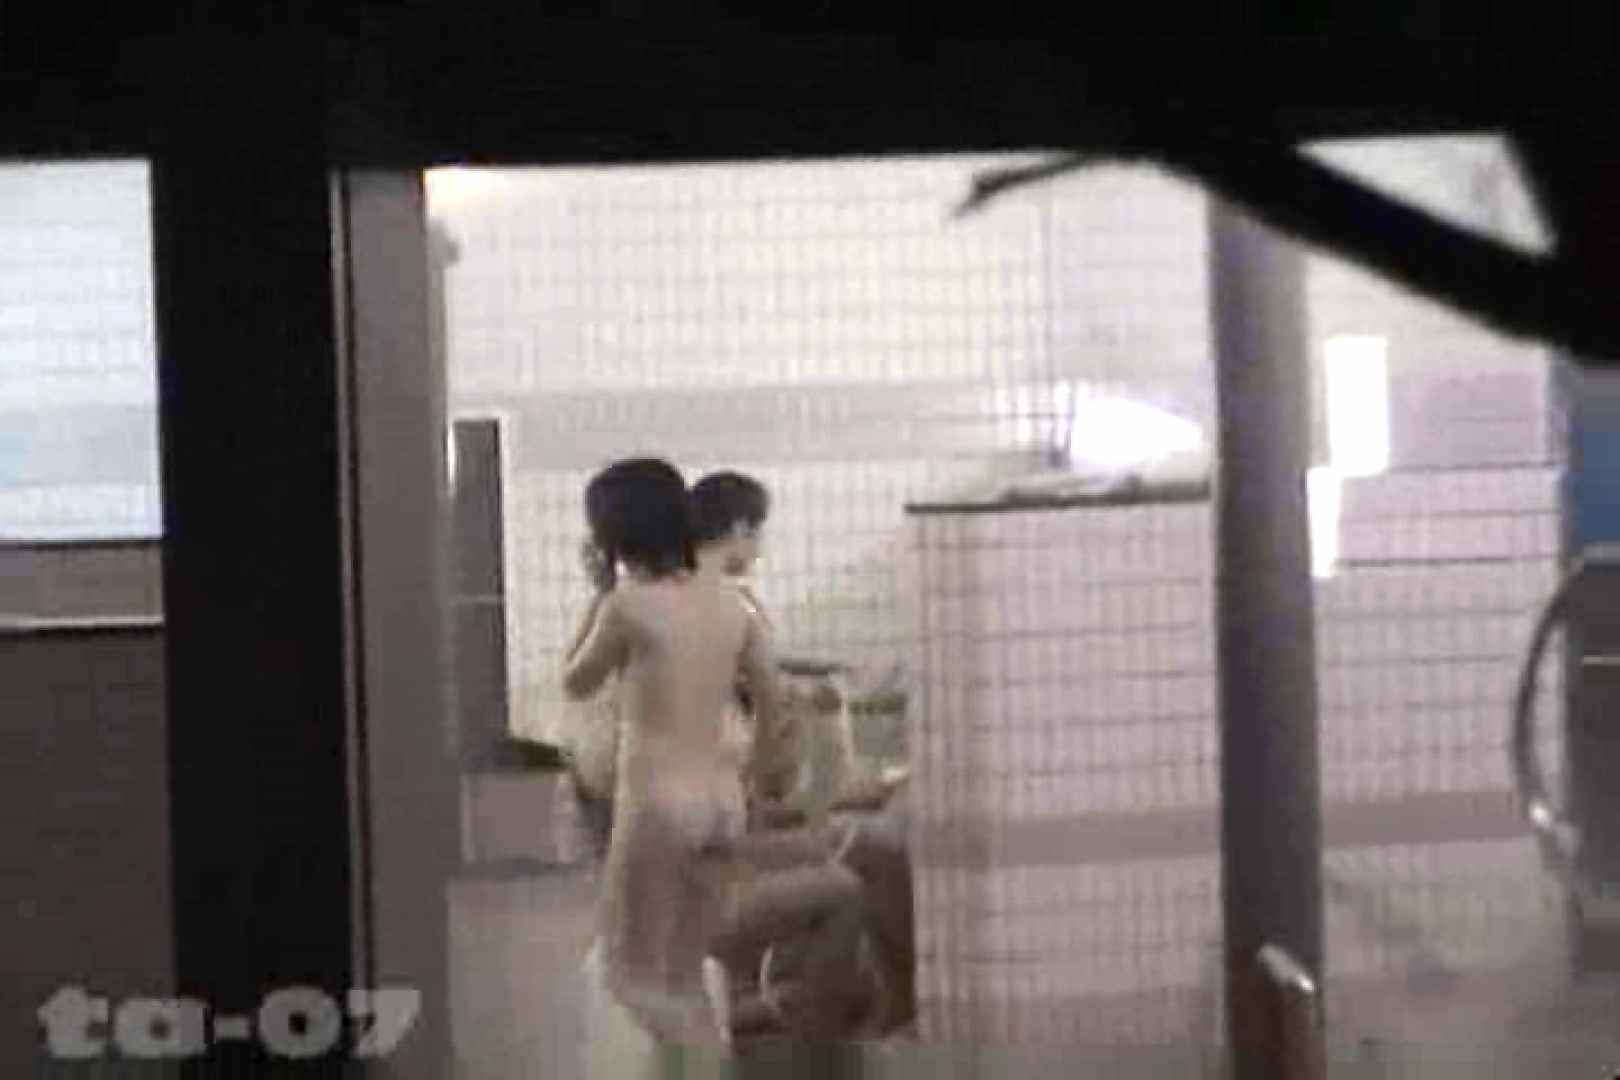 合宿ホテル女風呂盗撮高画質版 Vol.07 合宿中の出来事 盗撮 77画像 15